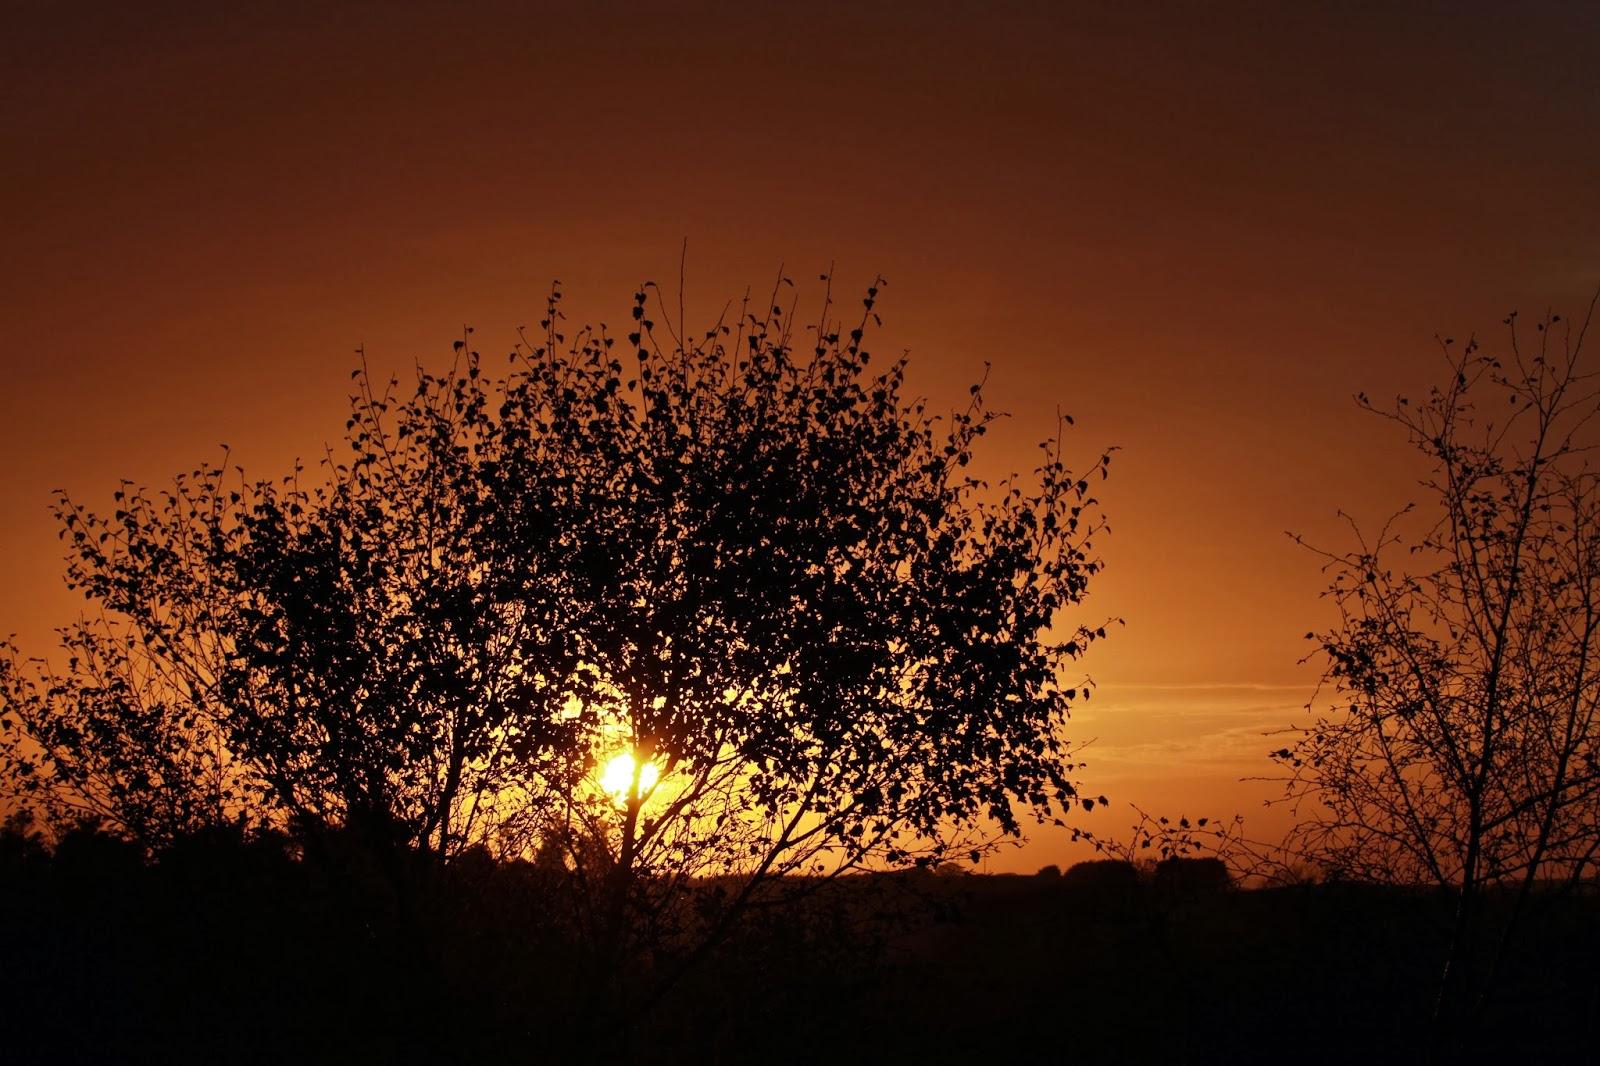 An introvert at dusk